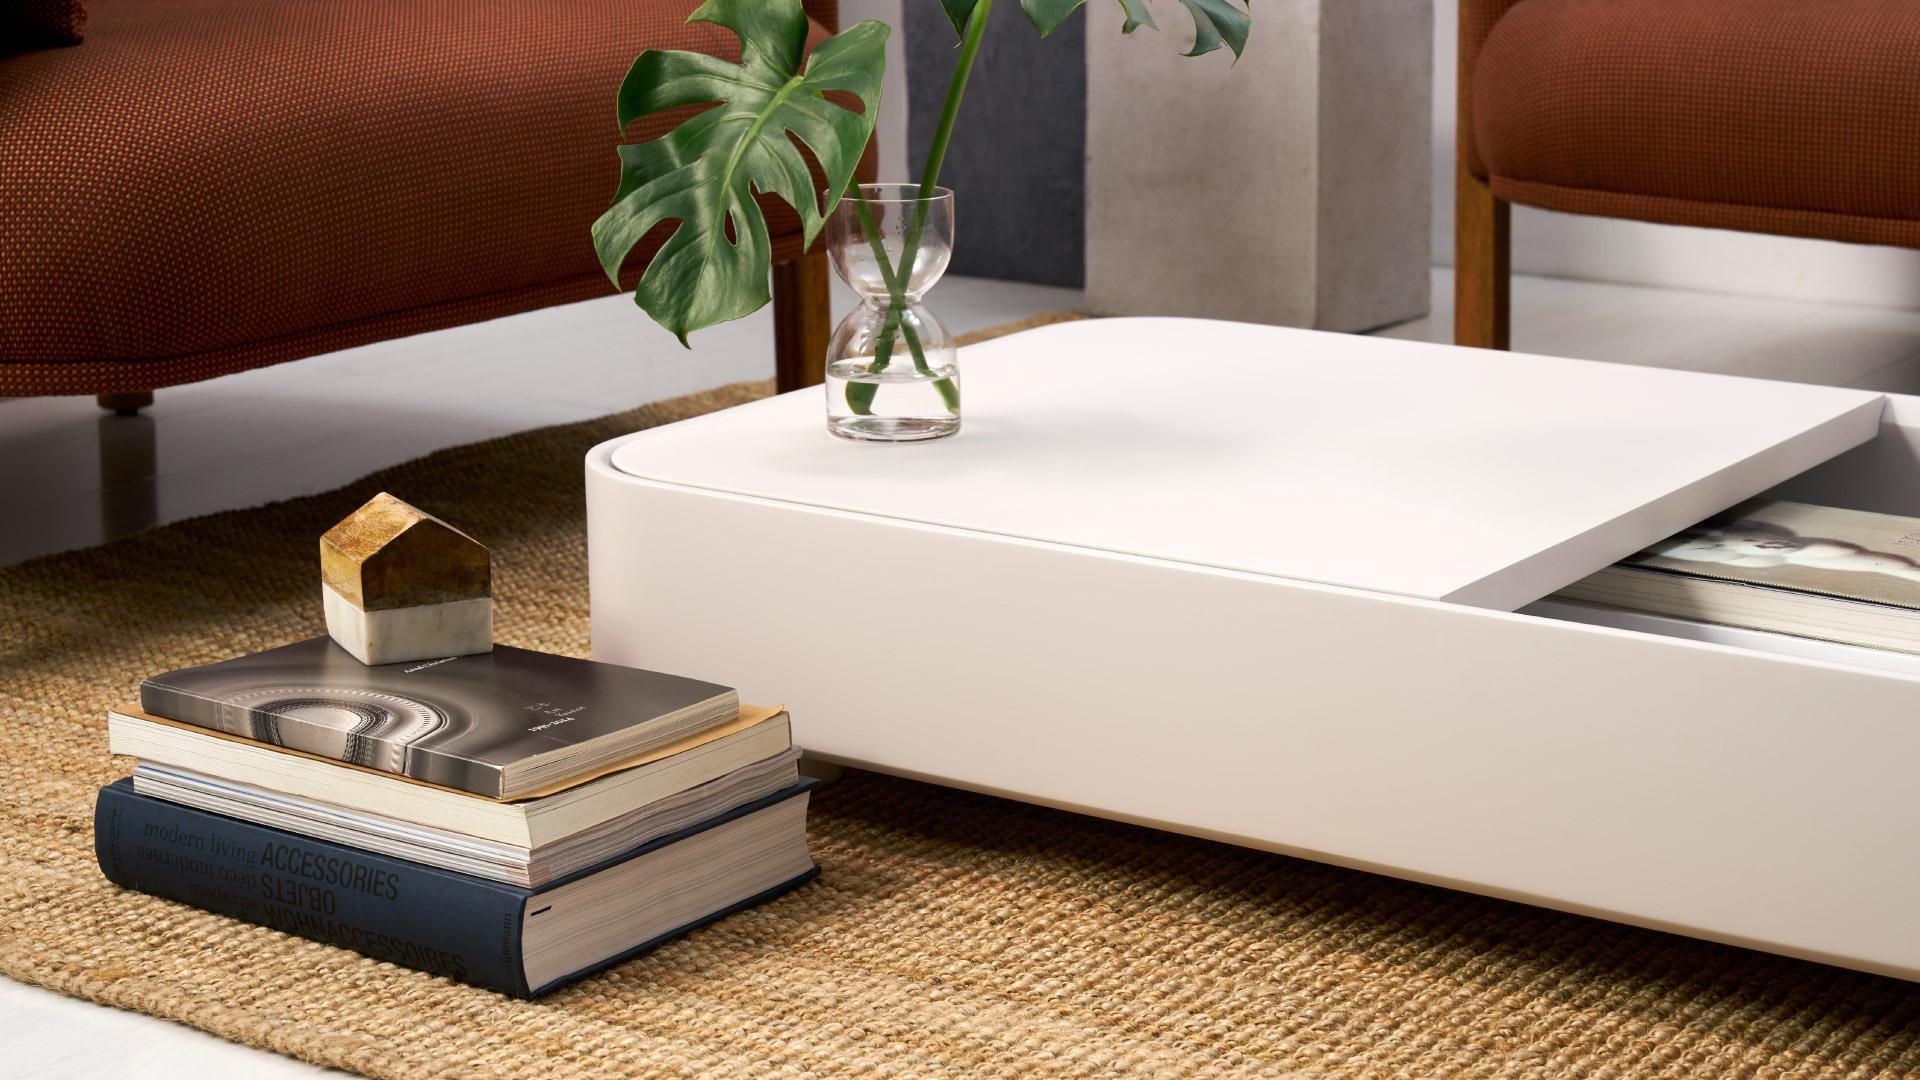 圆滑流畅的流线设计与低矮的落地尺度,腾出空间高度,客厅更加挑高空旷,超越一般茶几的原始属性,成为承载多重体验和视觉变化的开放空间。